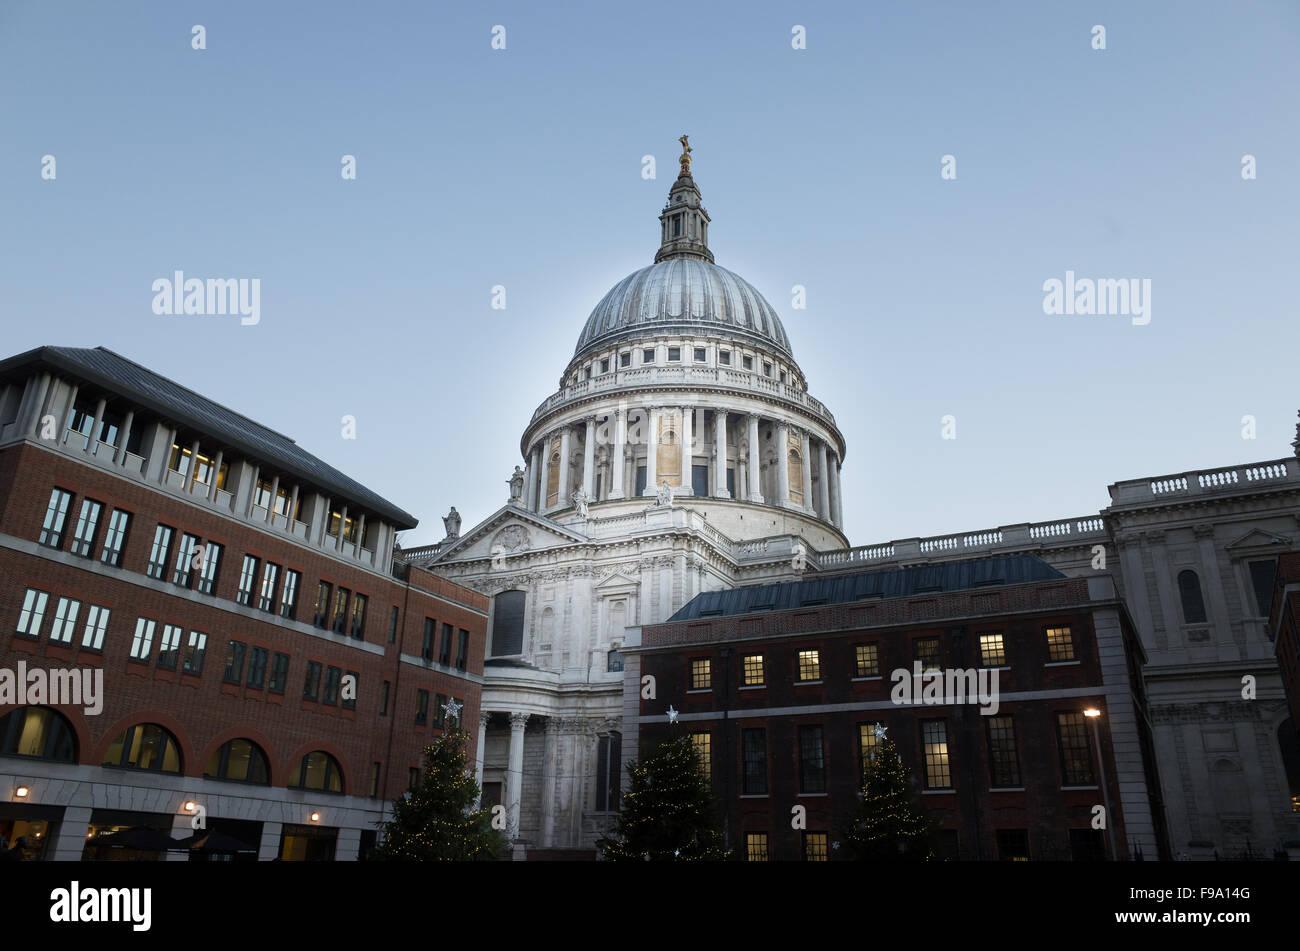 La cúpula de la catedral de San Pablo, Londres, por la tarde. Imagen De Stock